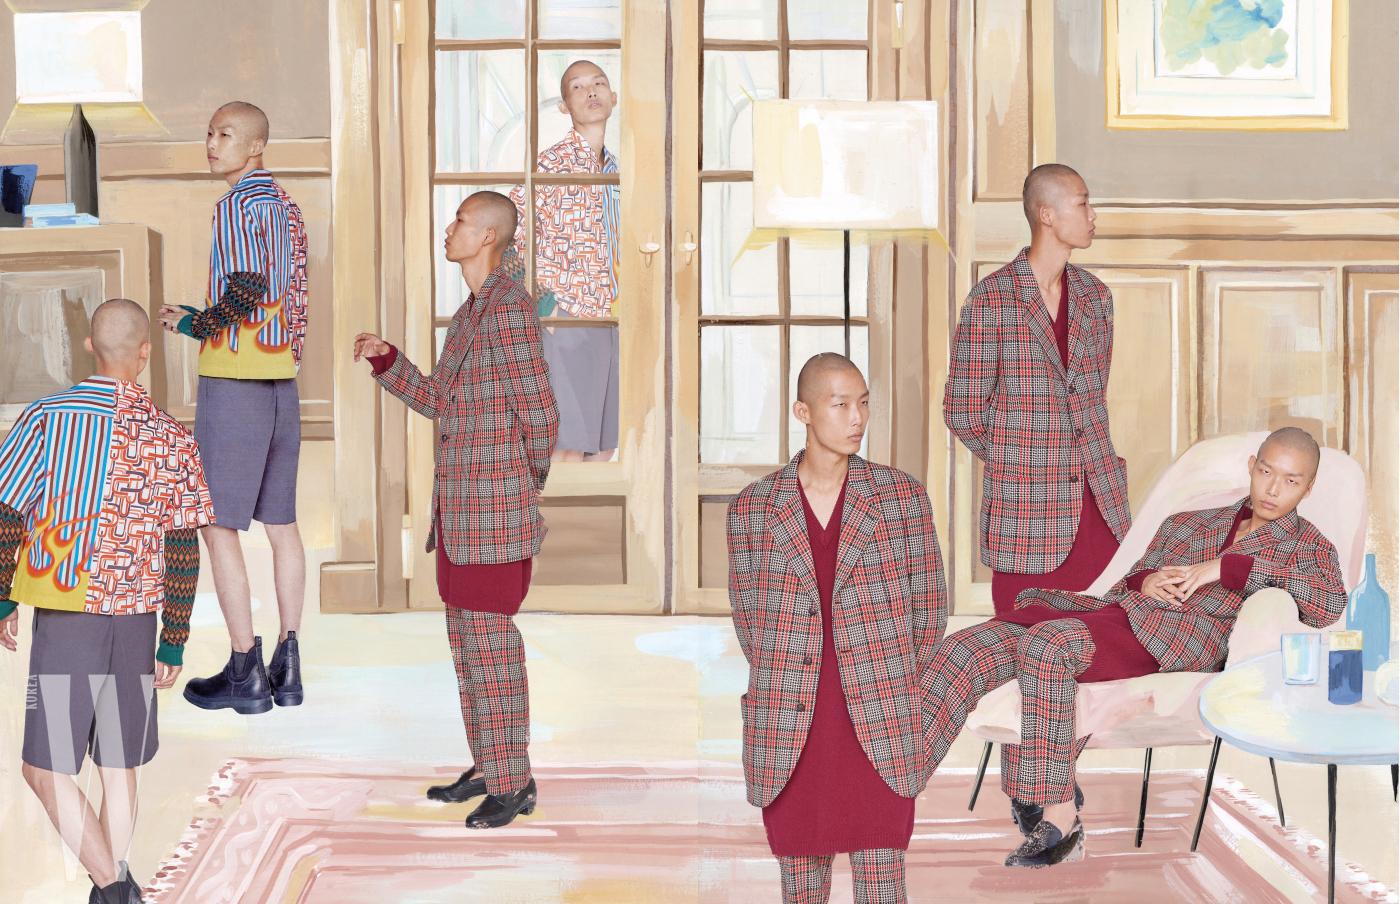 클래식한 체크 패턴의 스리버튼 재킷과 크롭트 팬츠, 여유로운 실루엣의 롱 니트 톱, 검정 로퍼는 모두 Gucci 제품. 재미있는 패턴의 반소매 셔츠와 안에 입은 아가일 체크 패턴 니트 톱, 회색 쇼츠와 앵클부츠는 모두 Prada 제품.